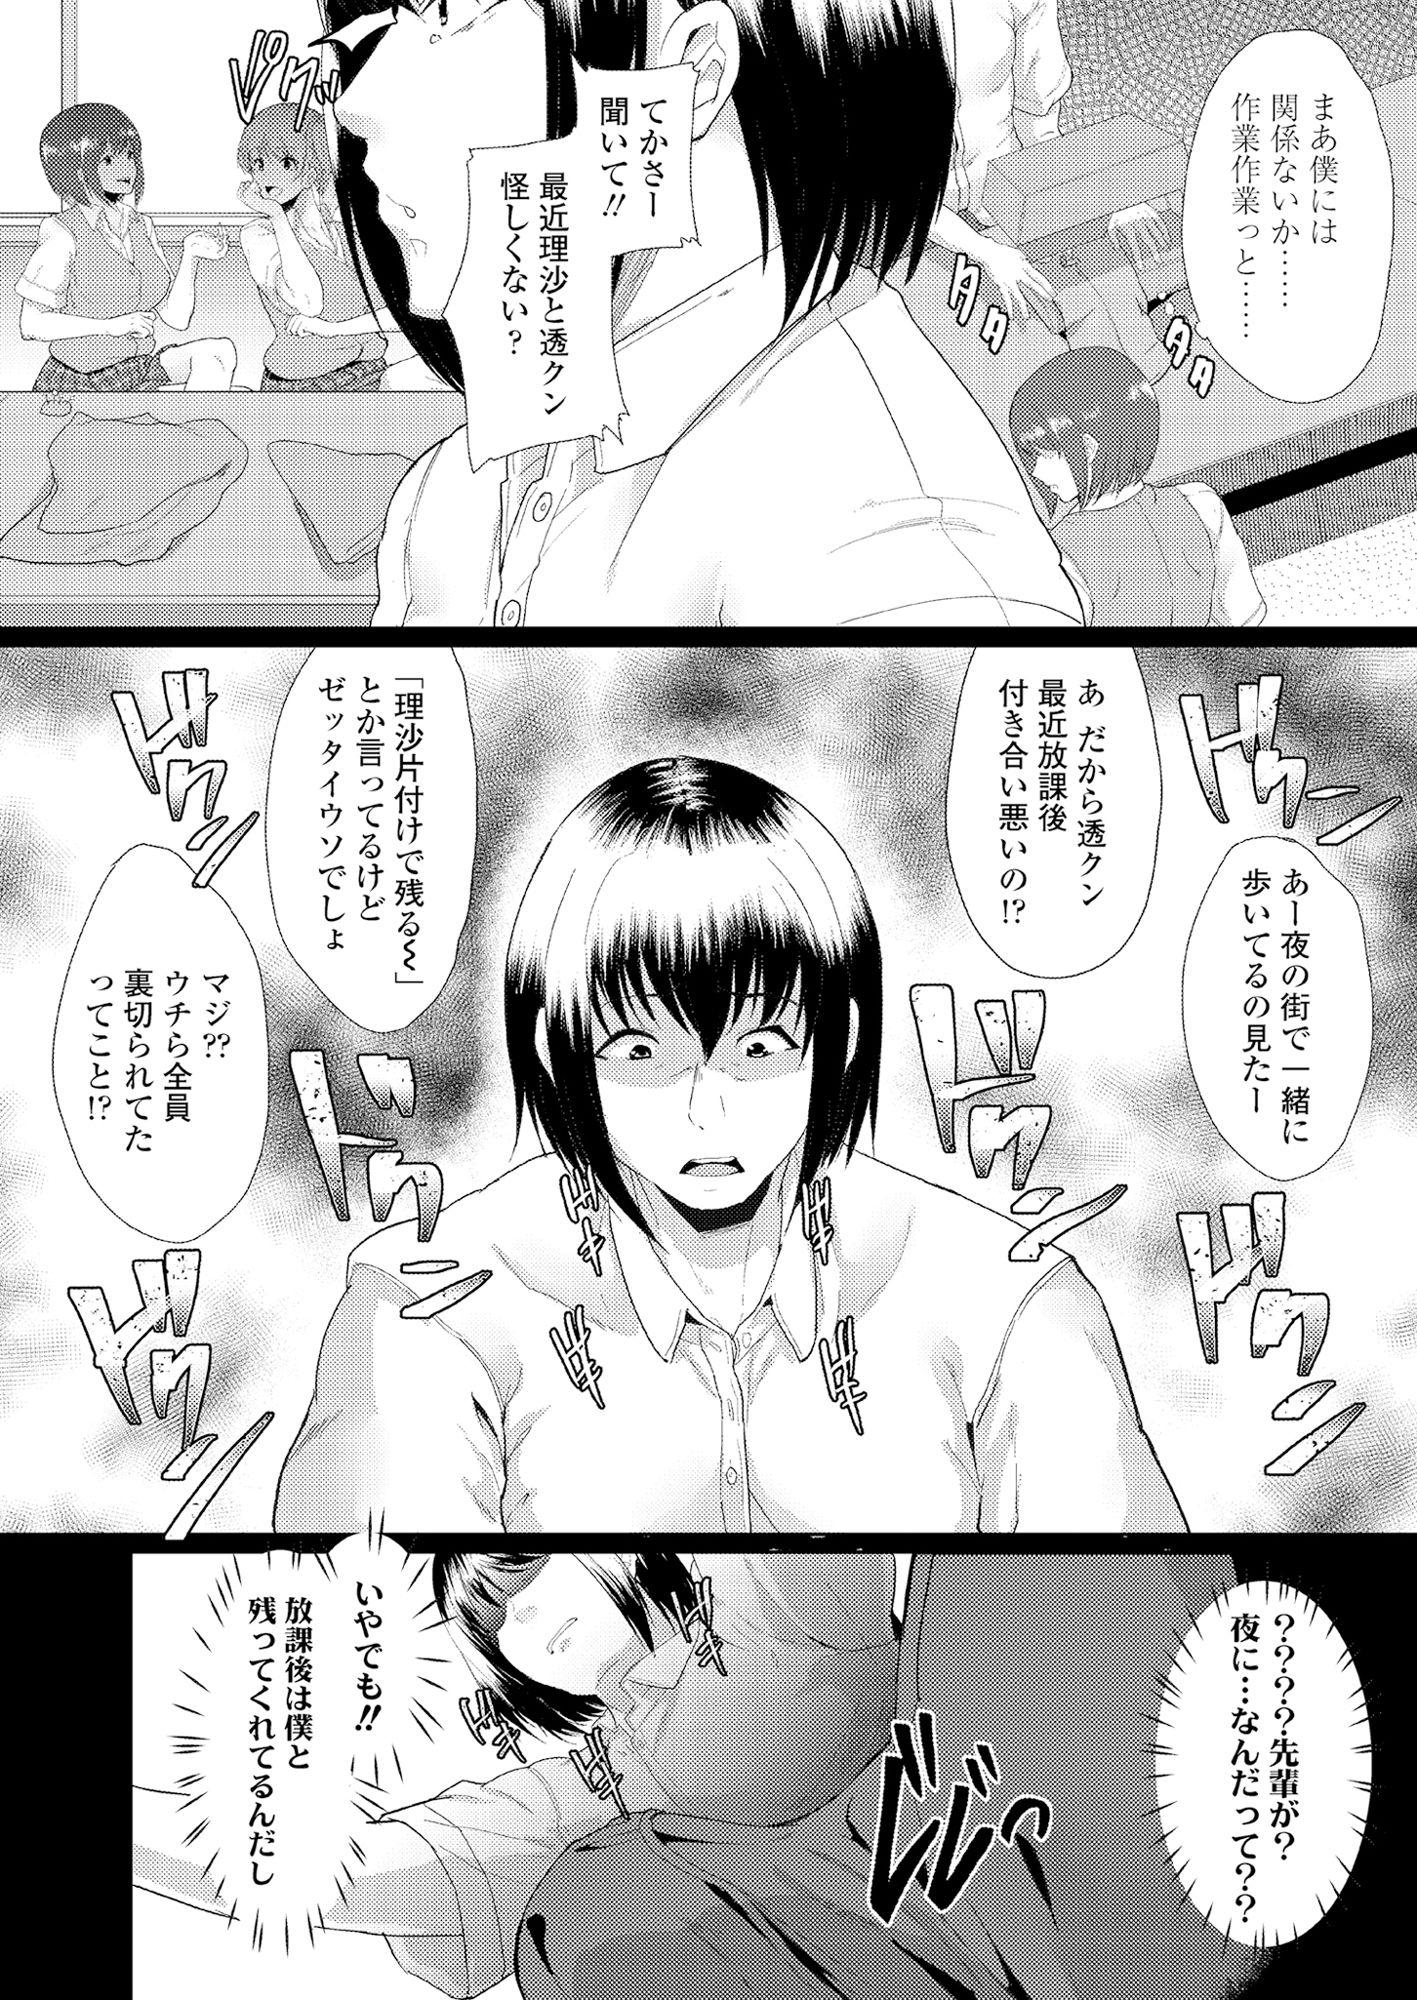 【エロ漫画無料大全集】やんちゃ女部長から後輩の可愛い彼女になったJK...しかし、後輩に言えずNTRレイプされてしまう...